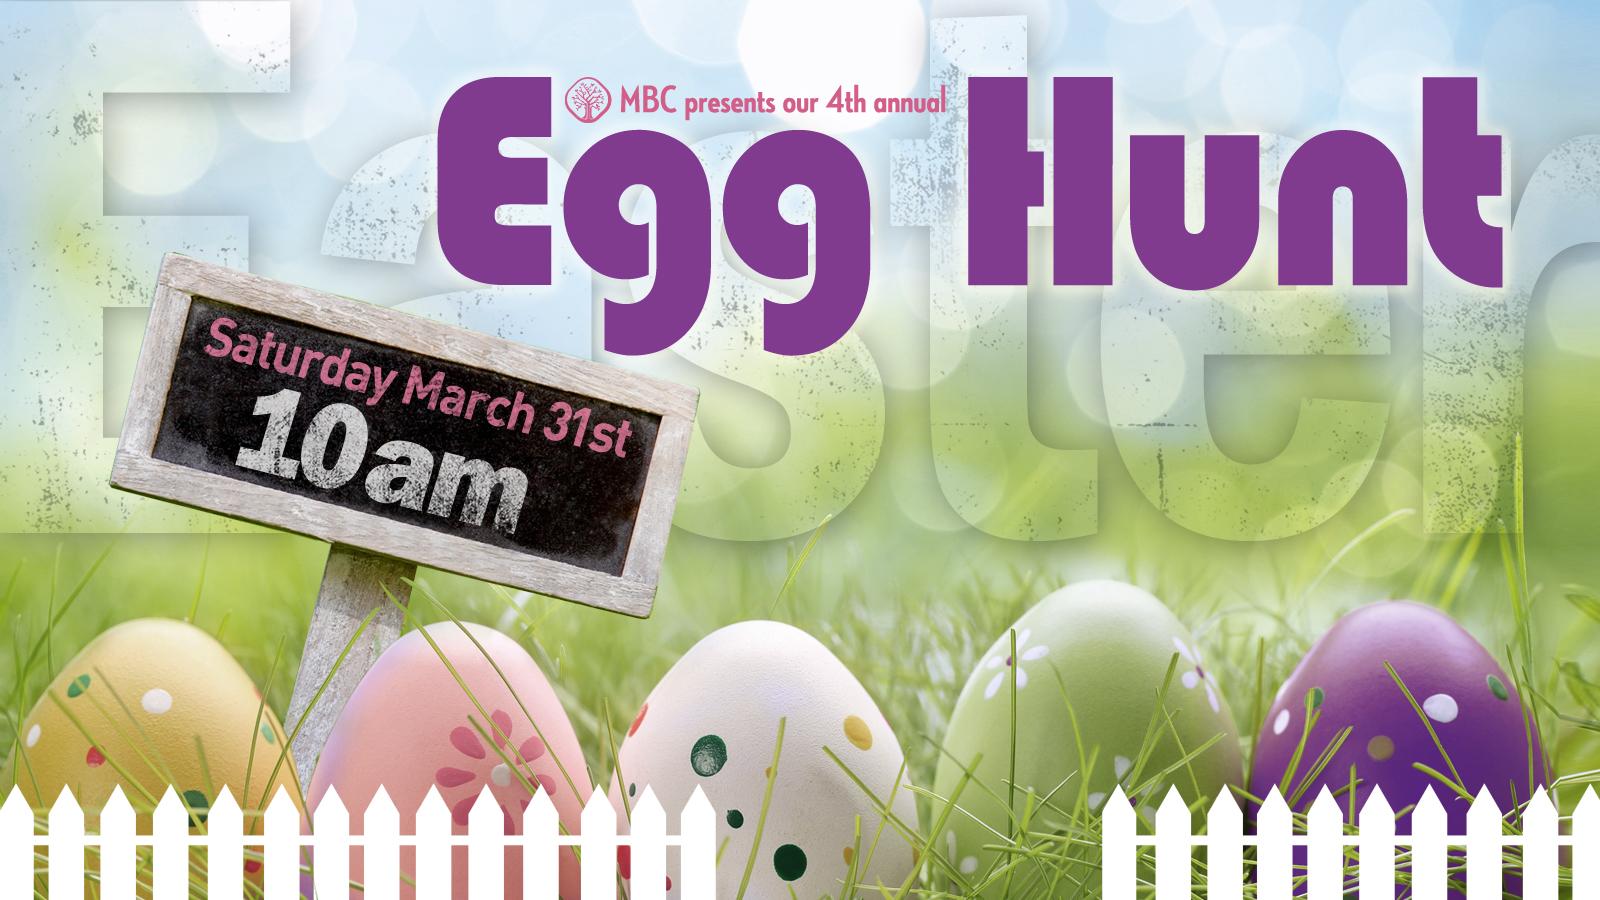 Egg hunt 2018 169hd